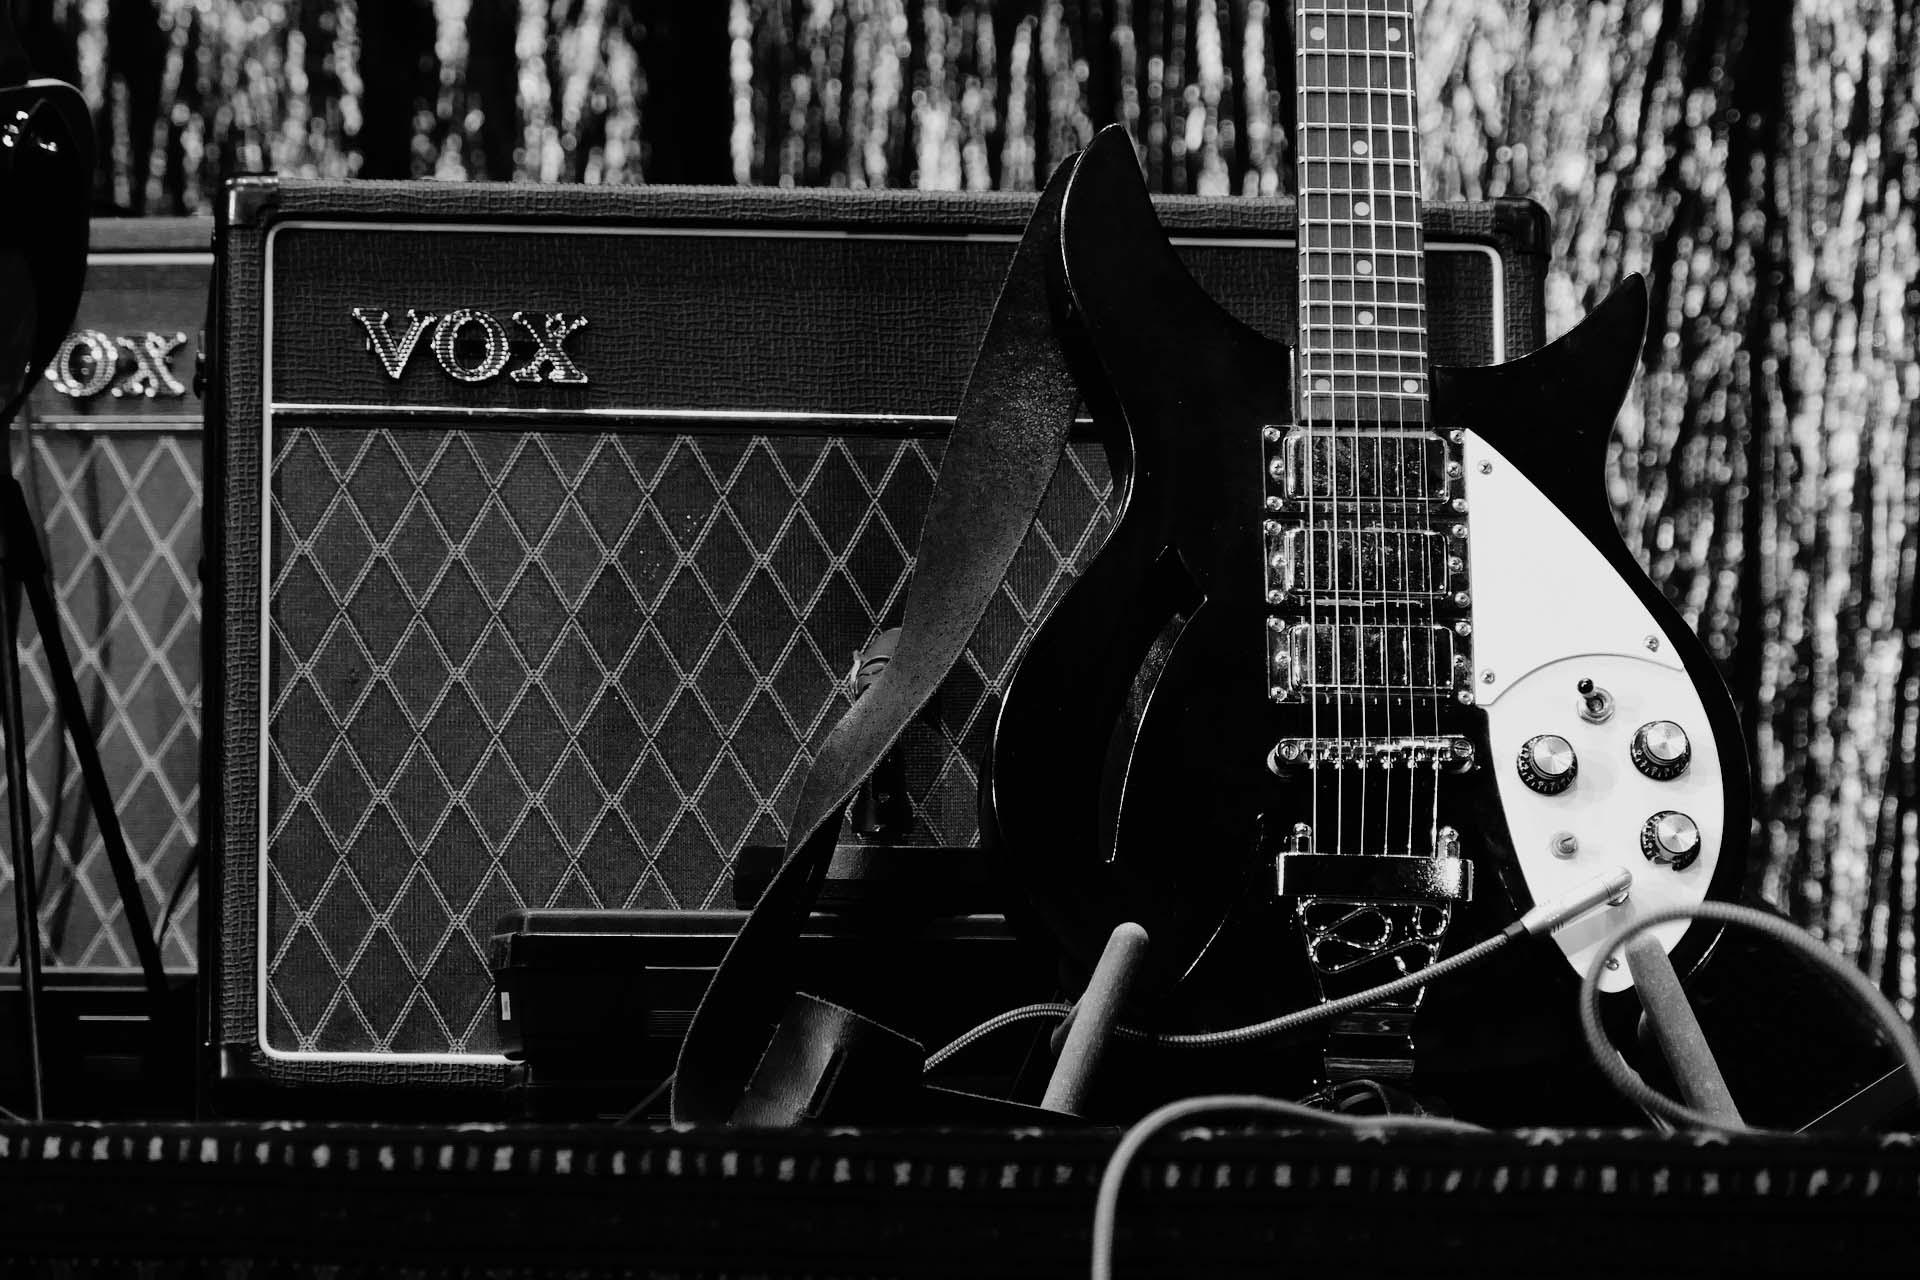 guitar-3131893_1920 Kopie